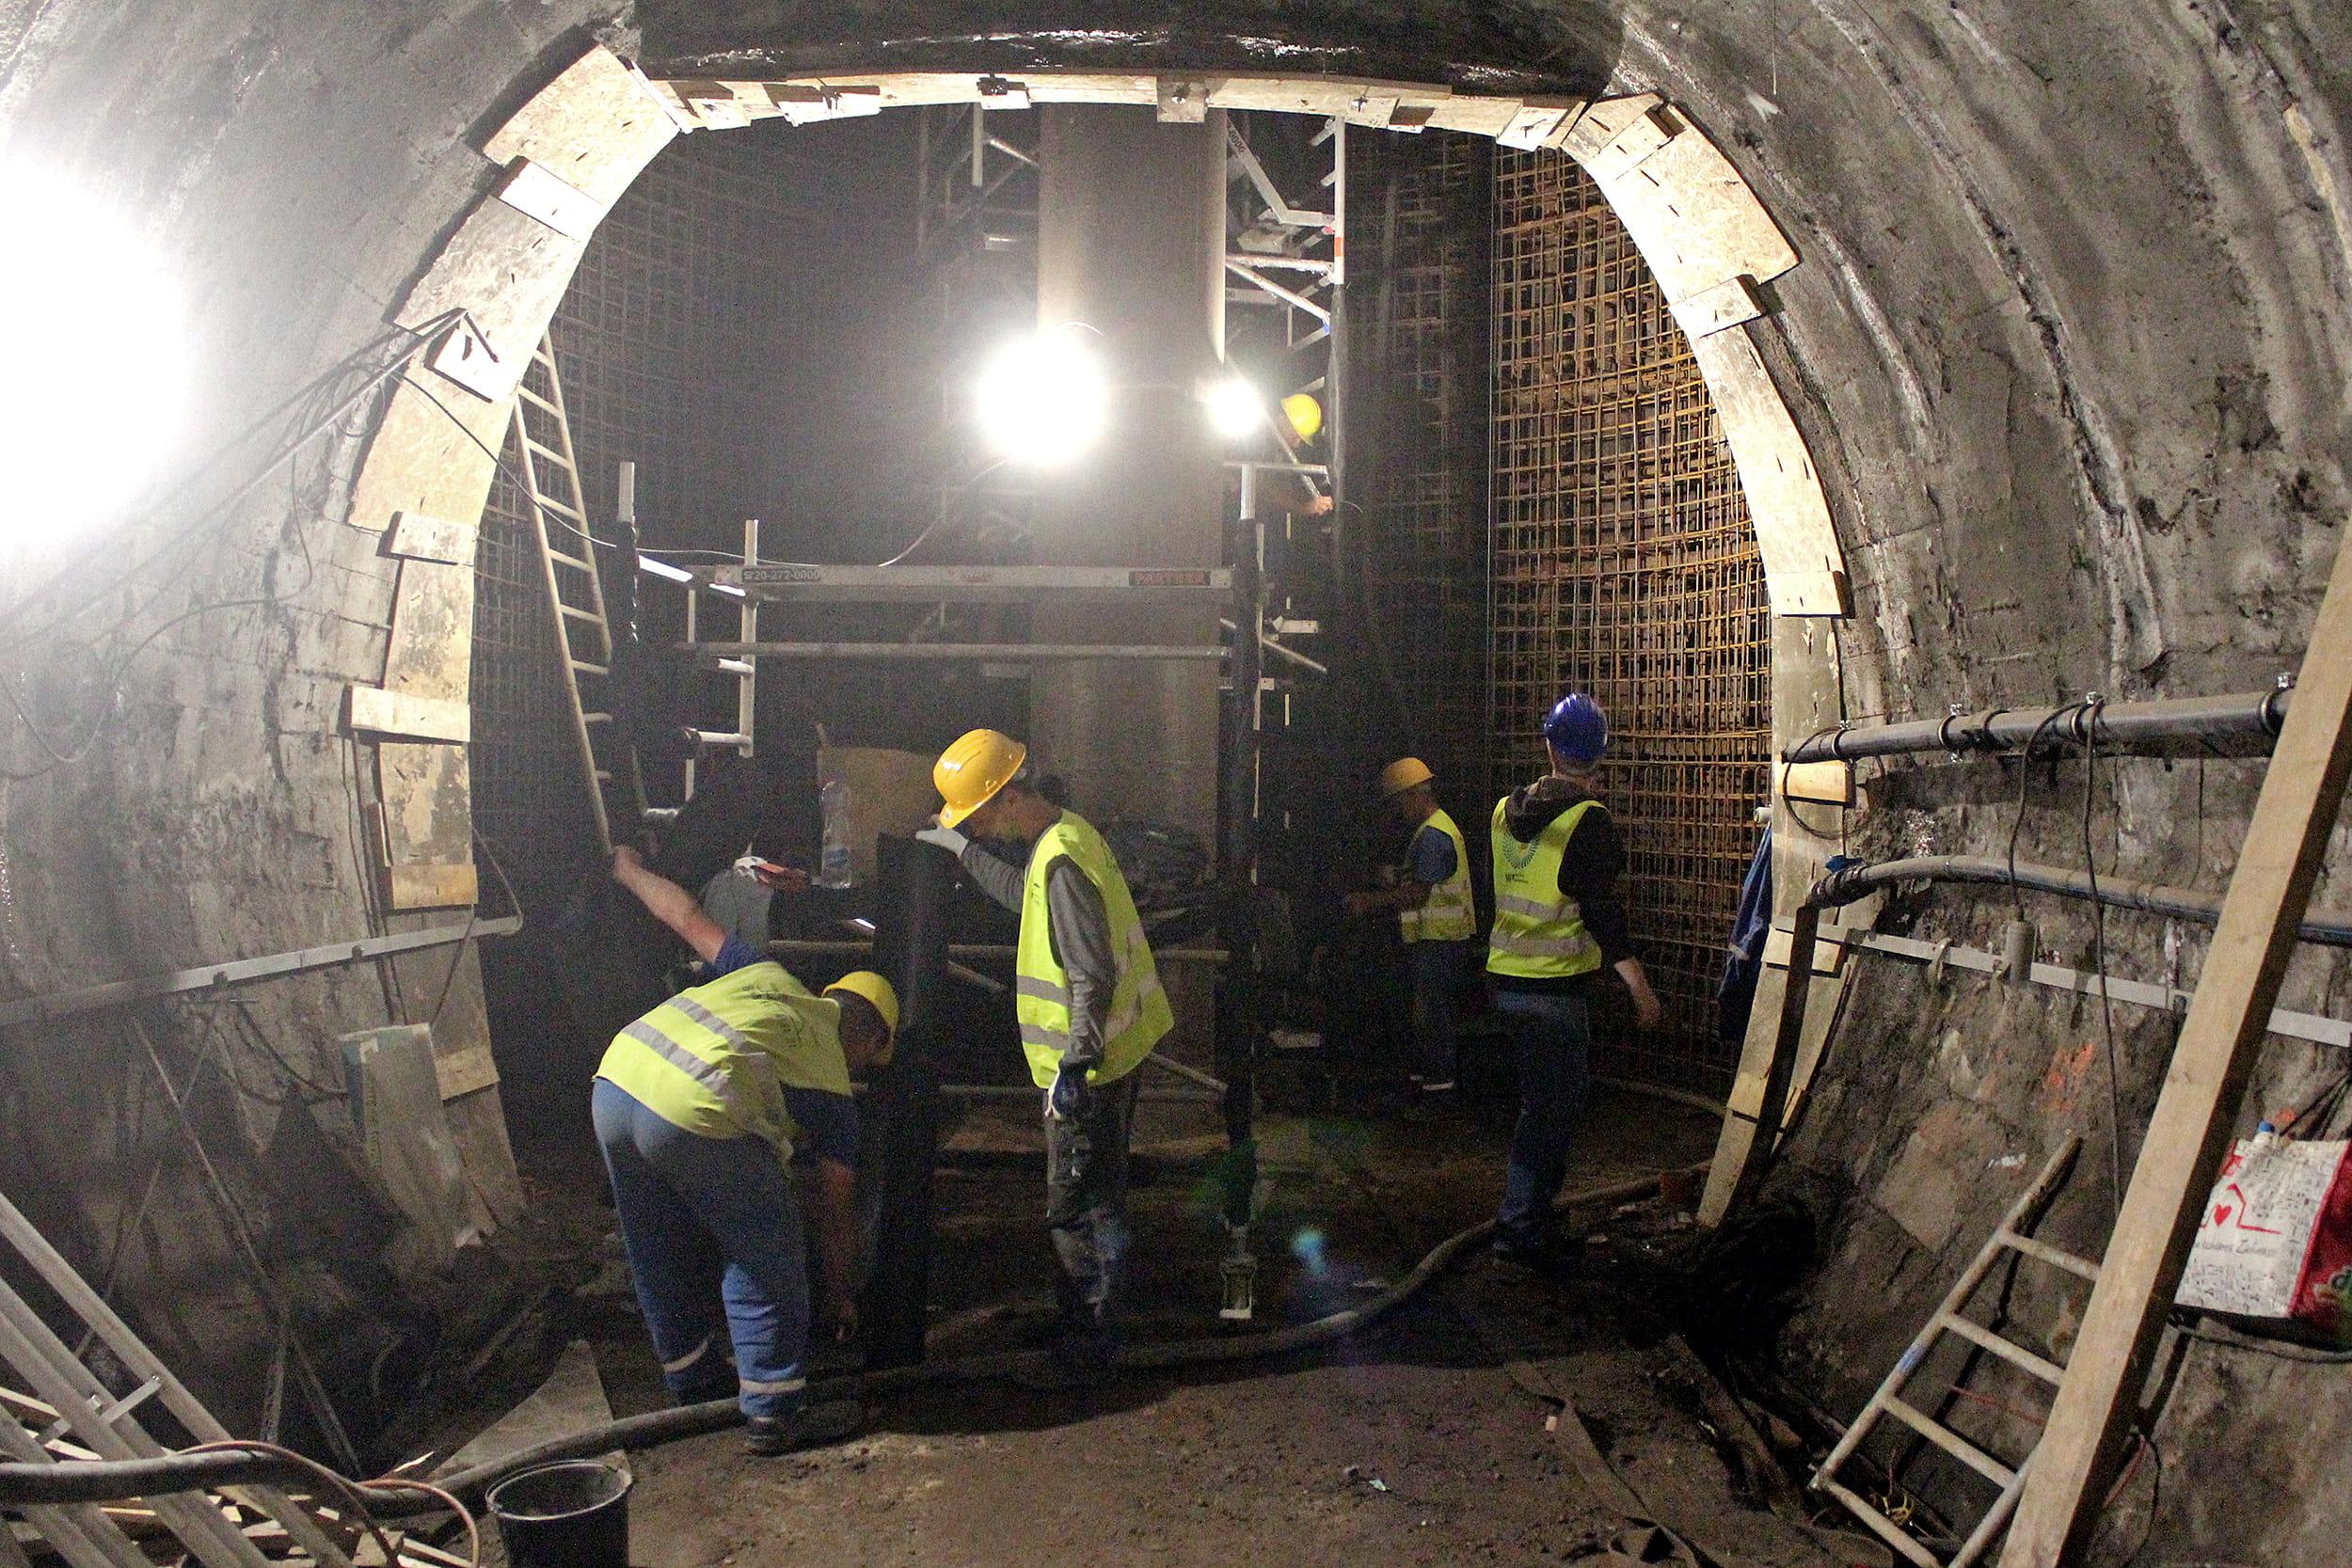 Jövő tavasztól már a Kálvinig jár a hármas metró Kőbánya felől